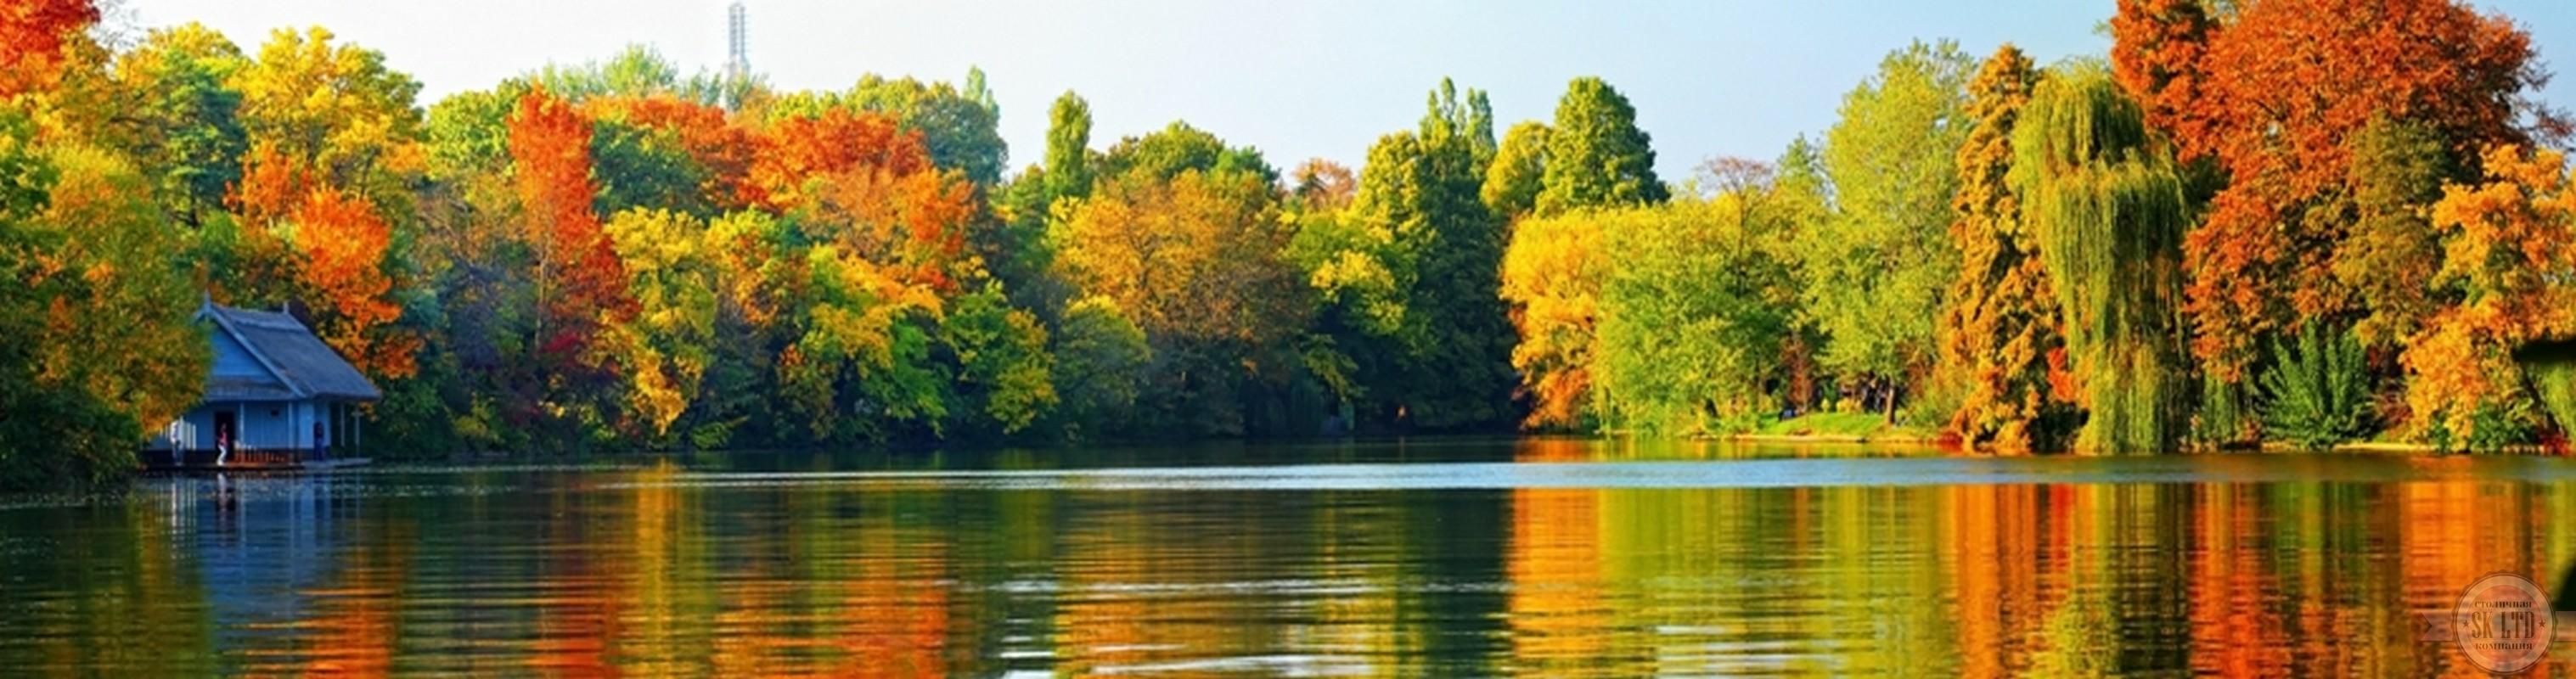 панорамная картинка осень рекламирую